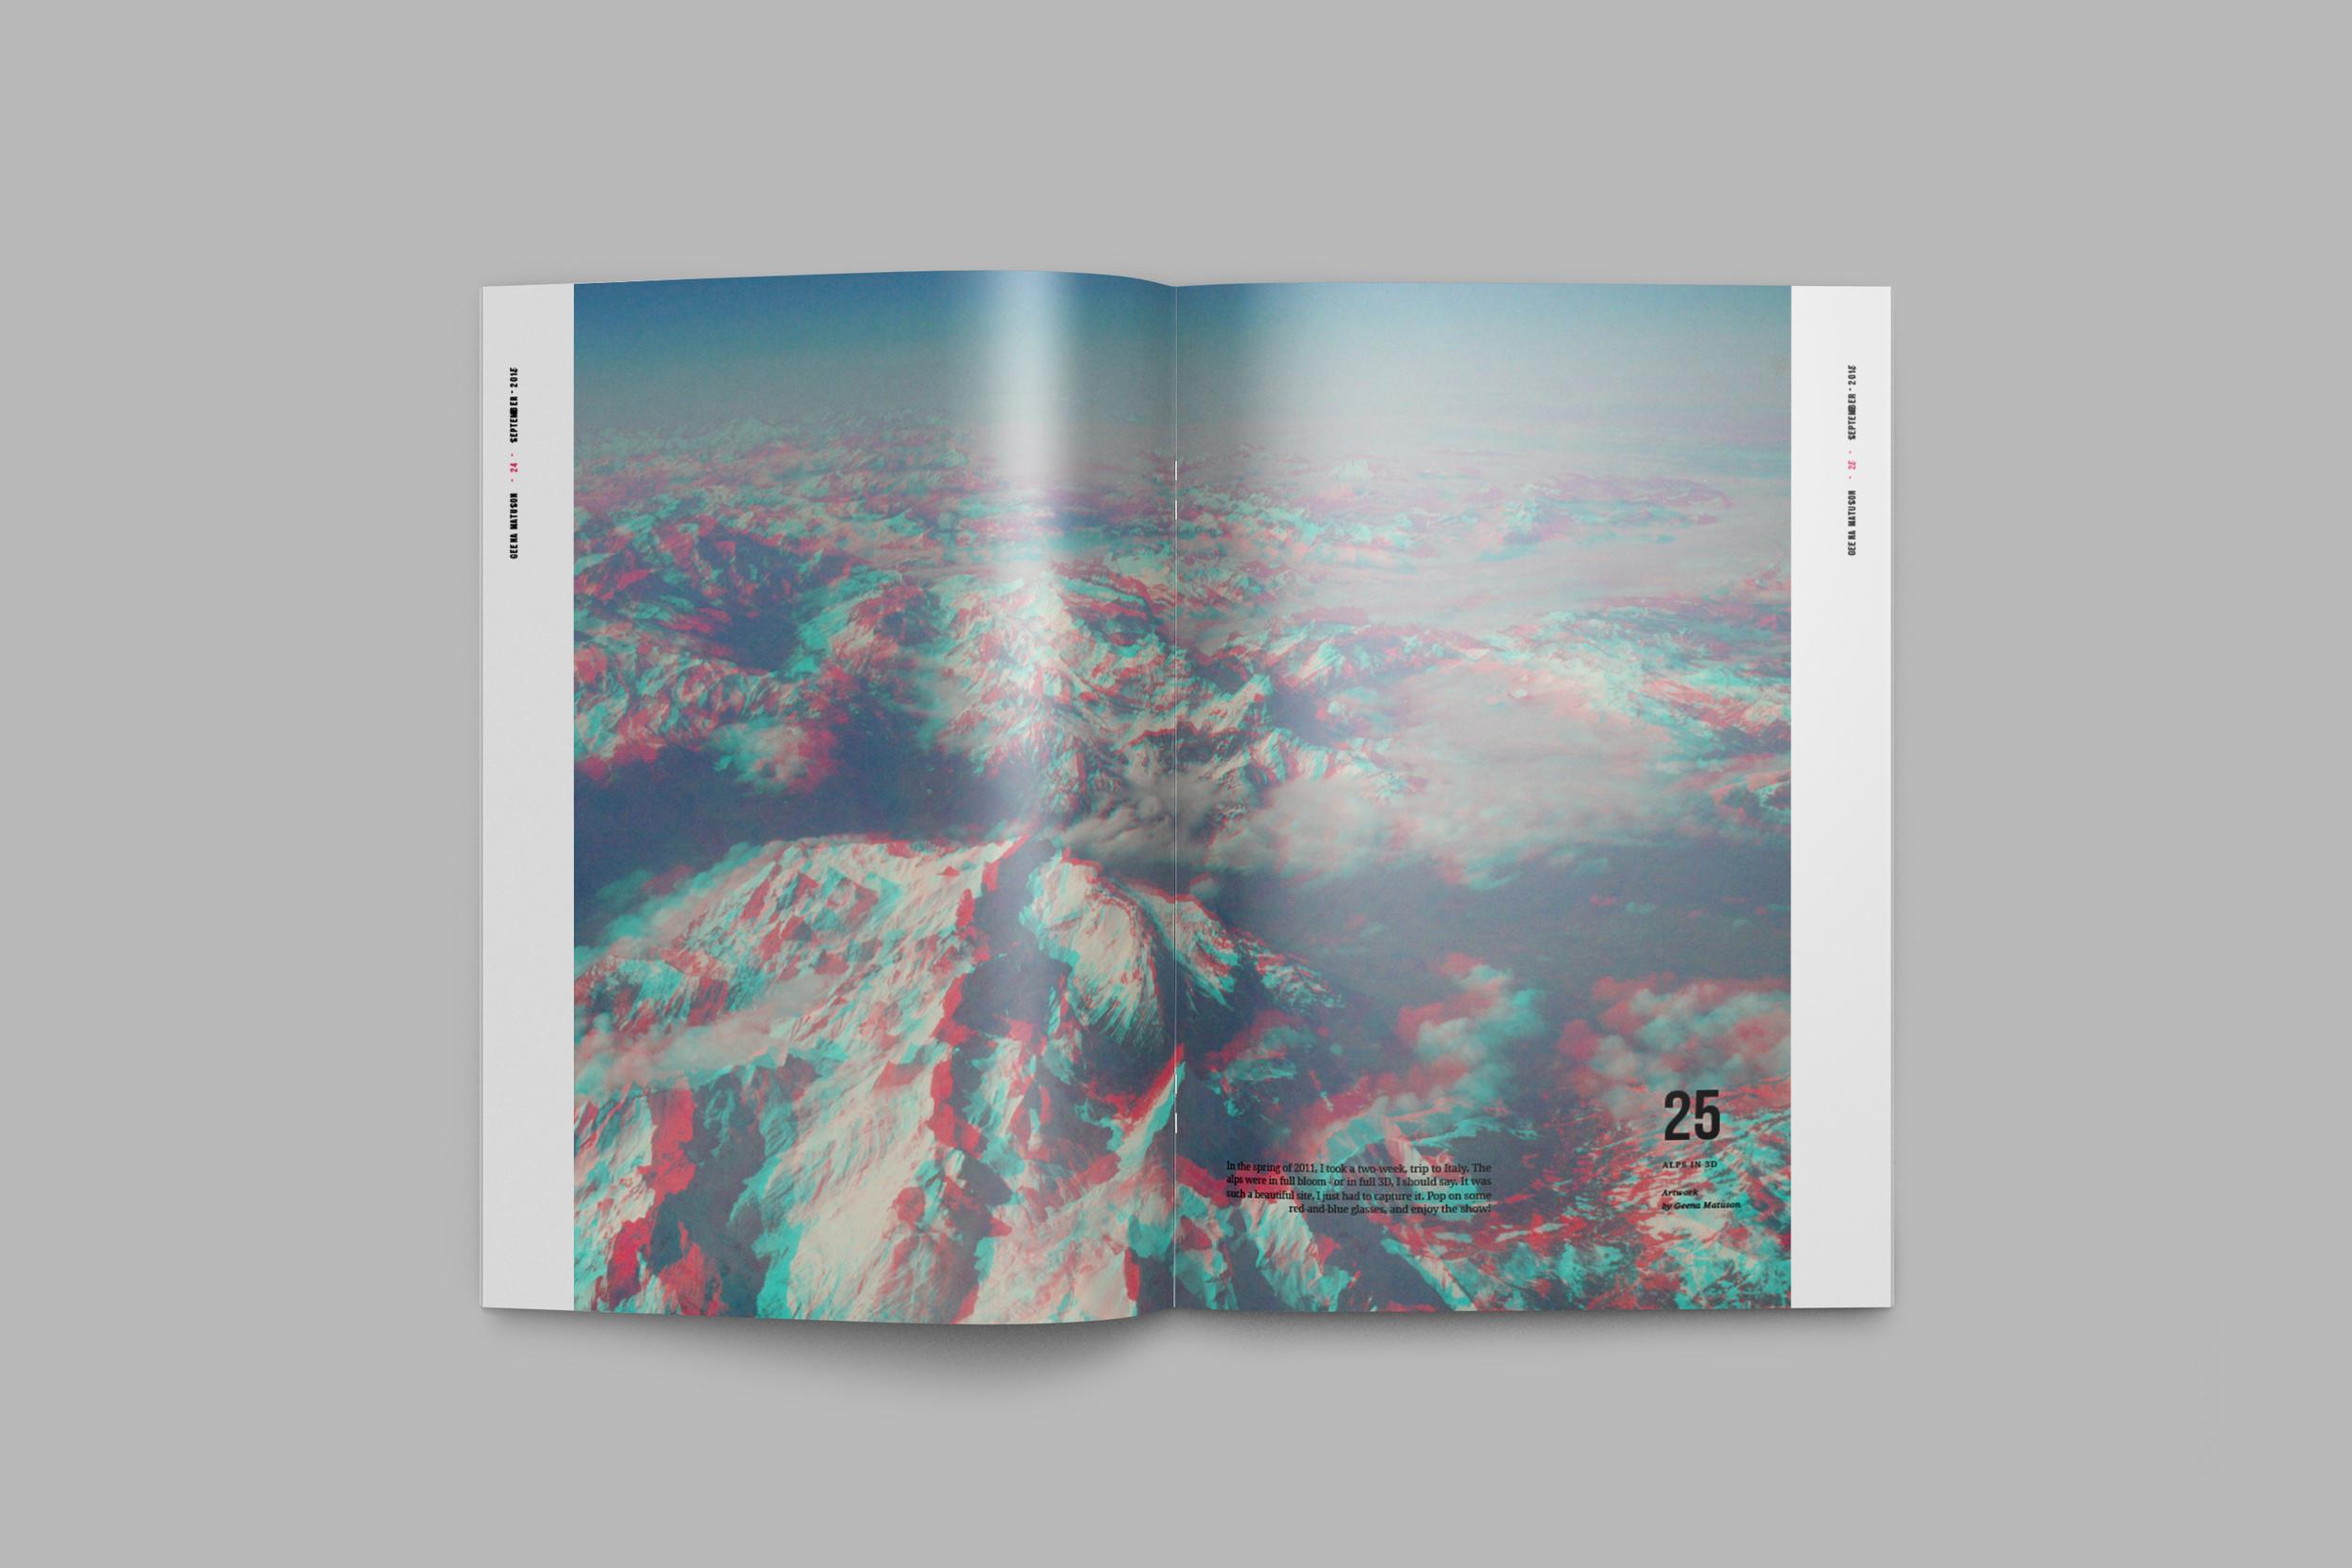 GeenaMatuson_Magazine_Sept2015_Pages_24-25.jpg